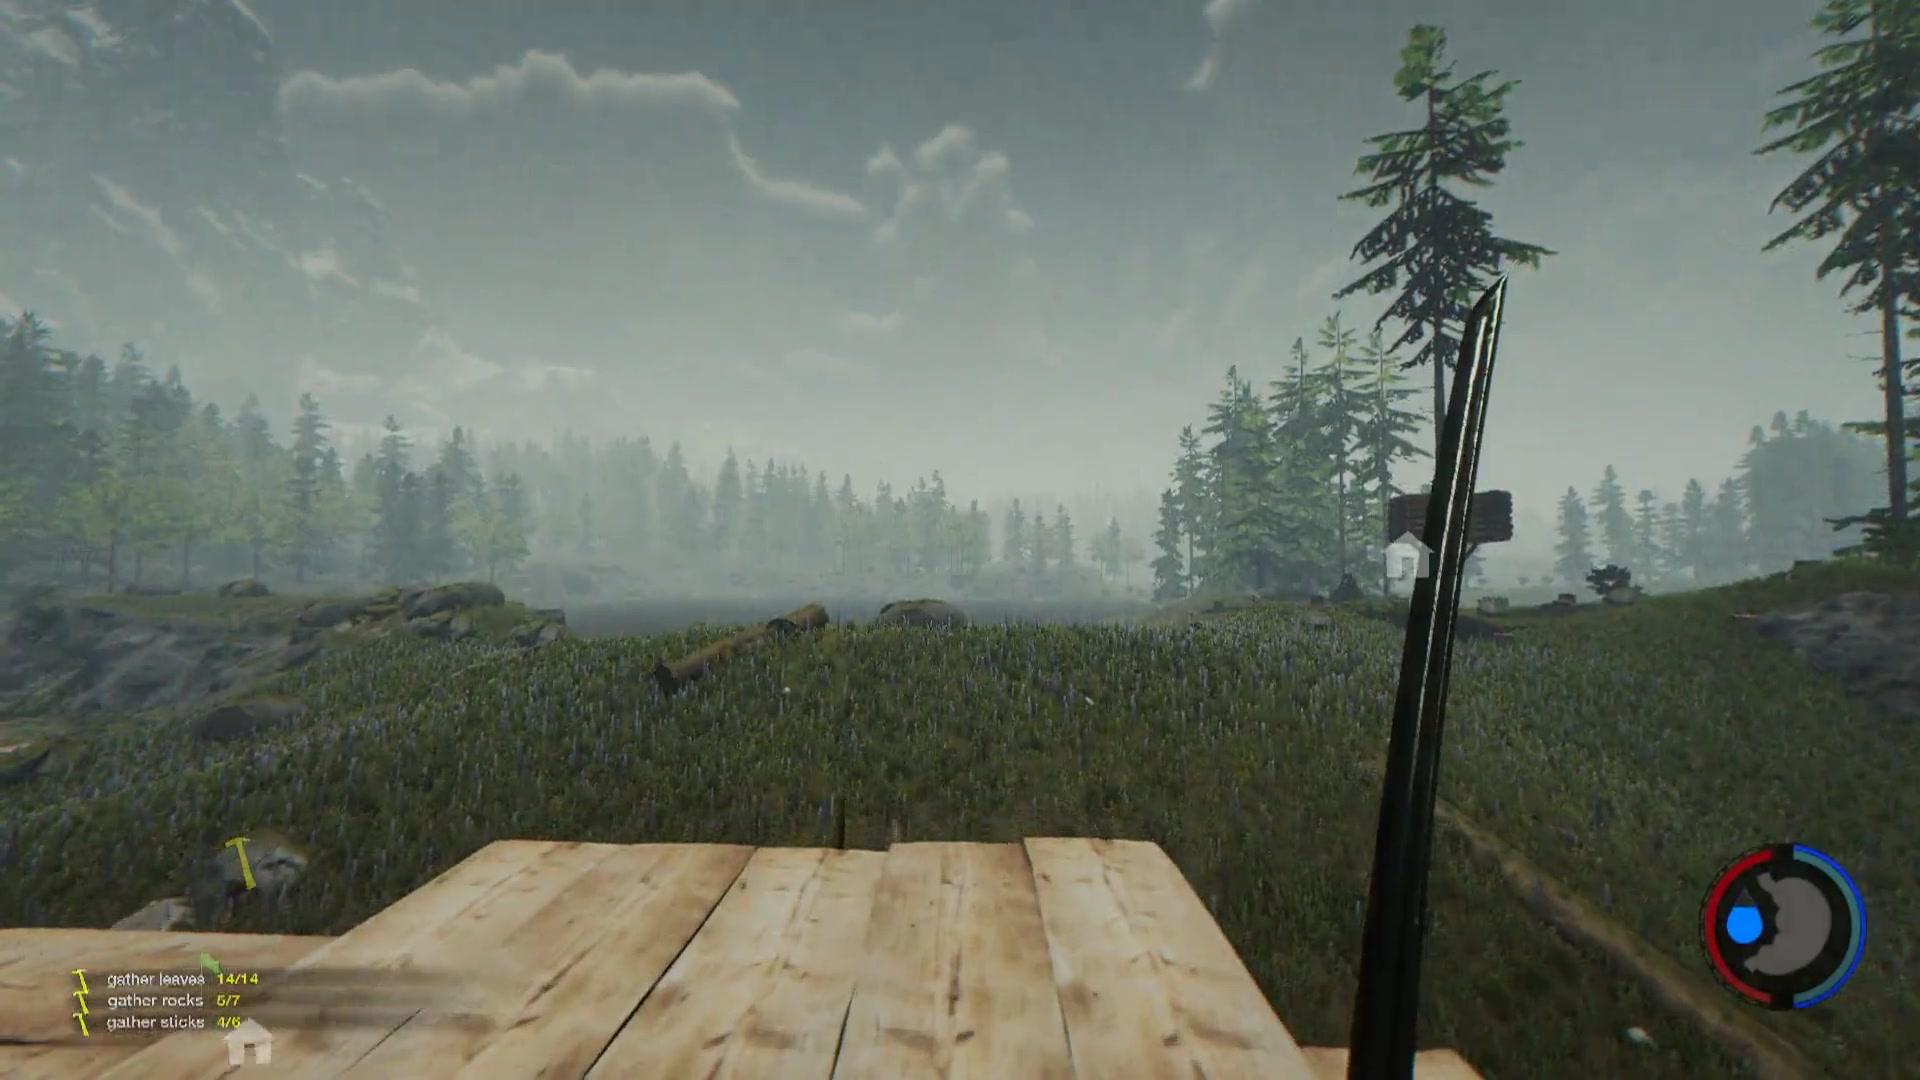 【猫哥解说】《迷失森林》ep14完结篇炸野人不小心把家都炸了图片